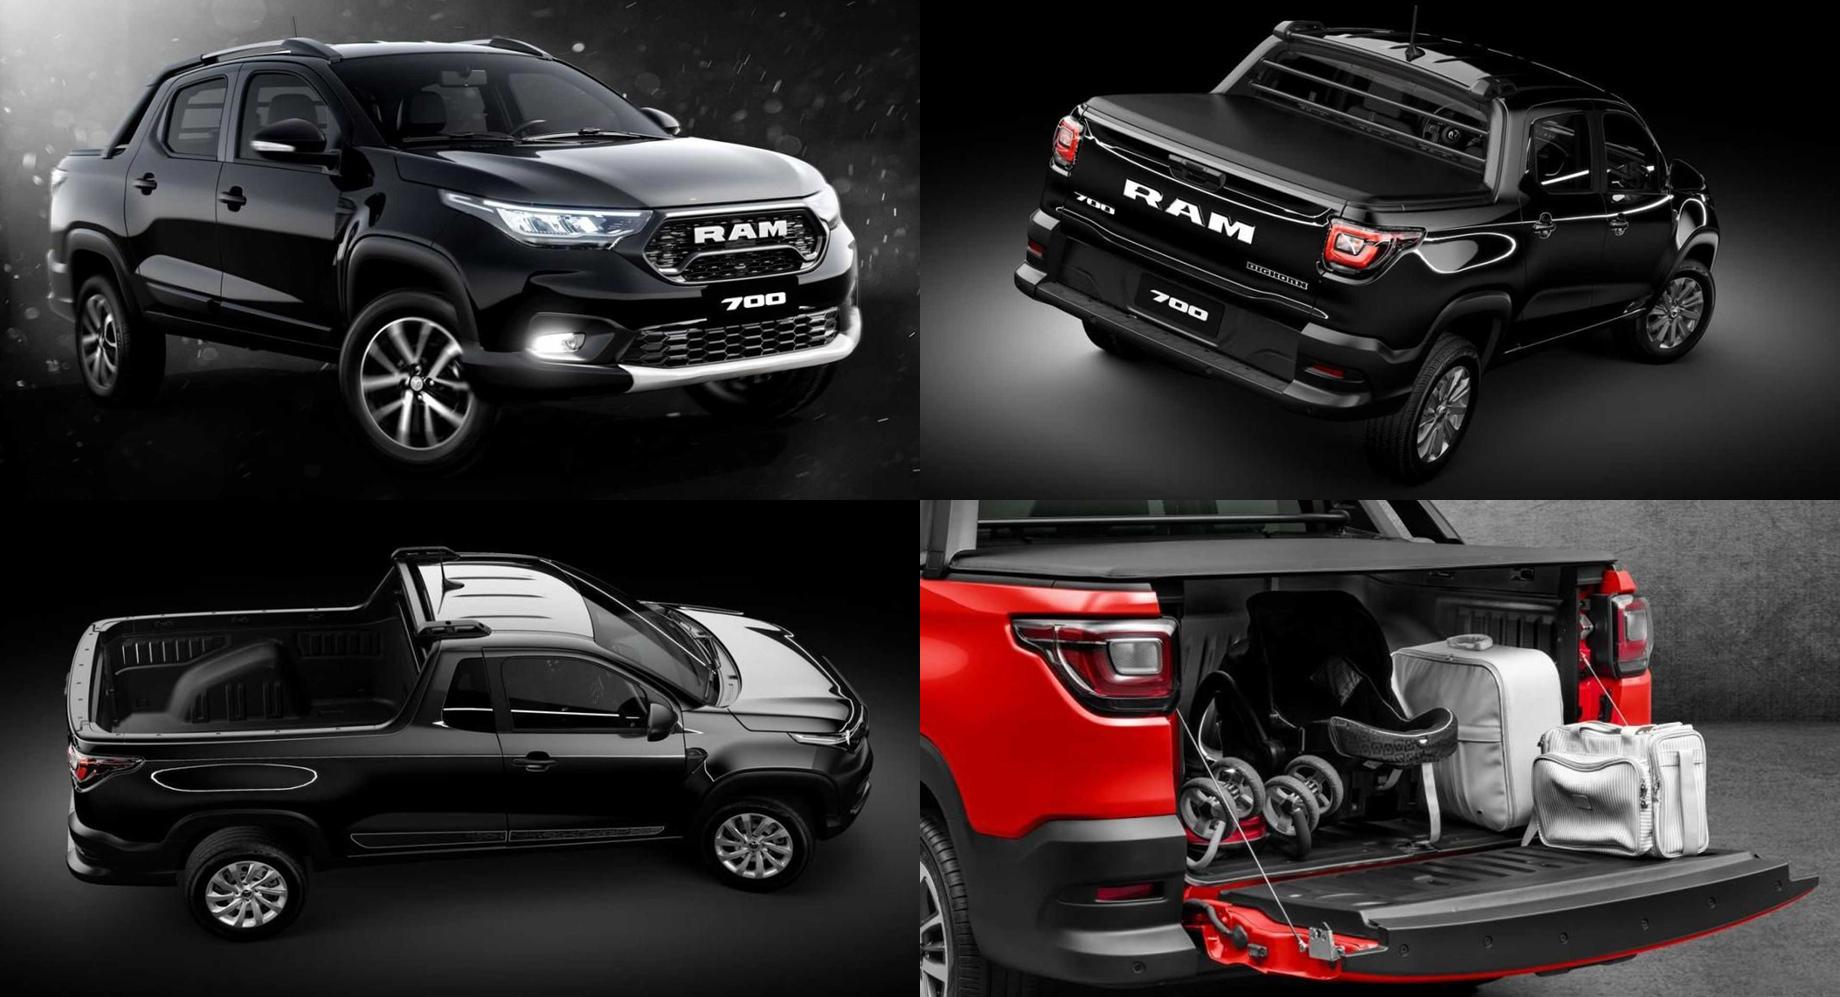 Новый Ram 700 скопировал Fiat Strada почти один в один